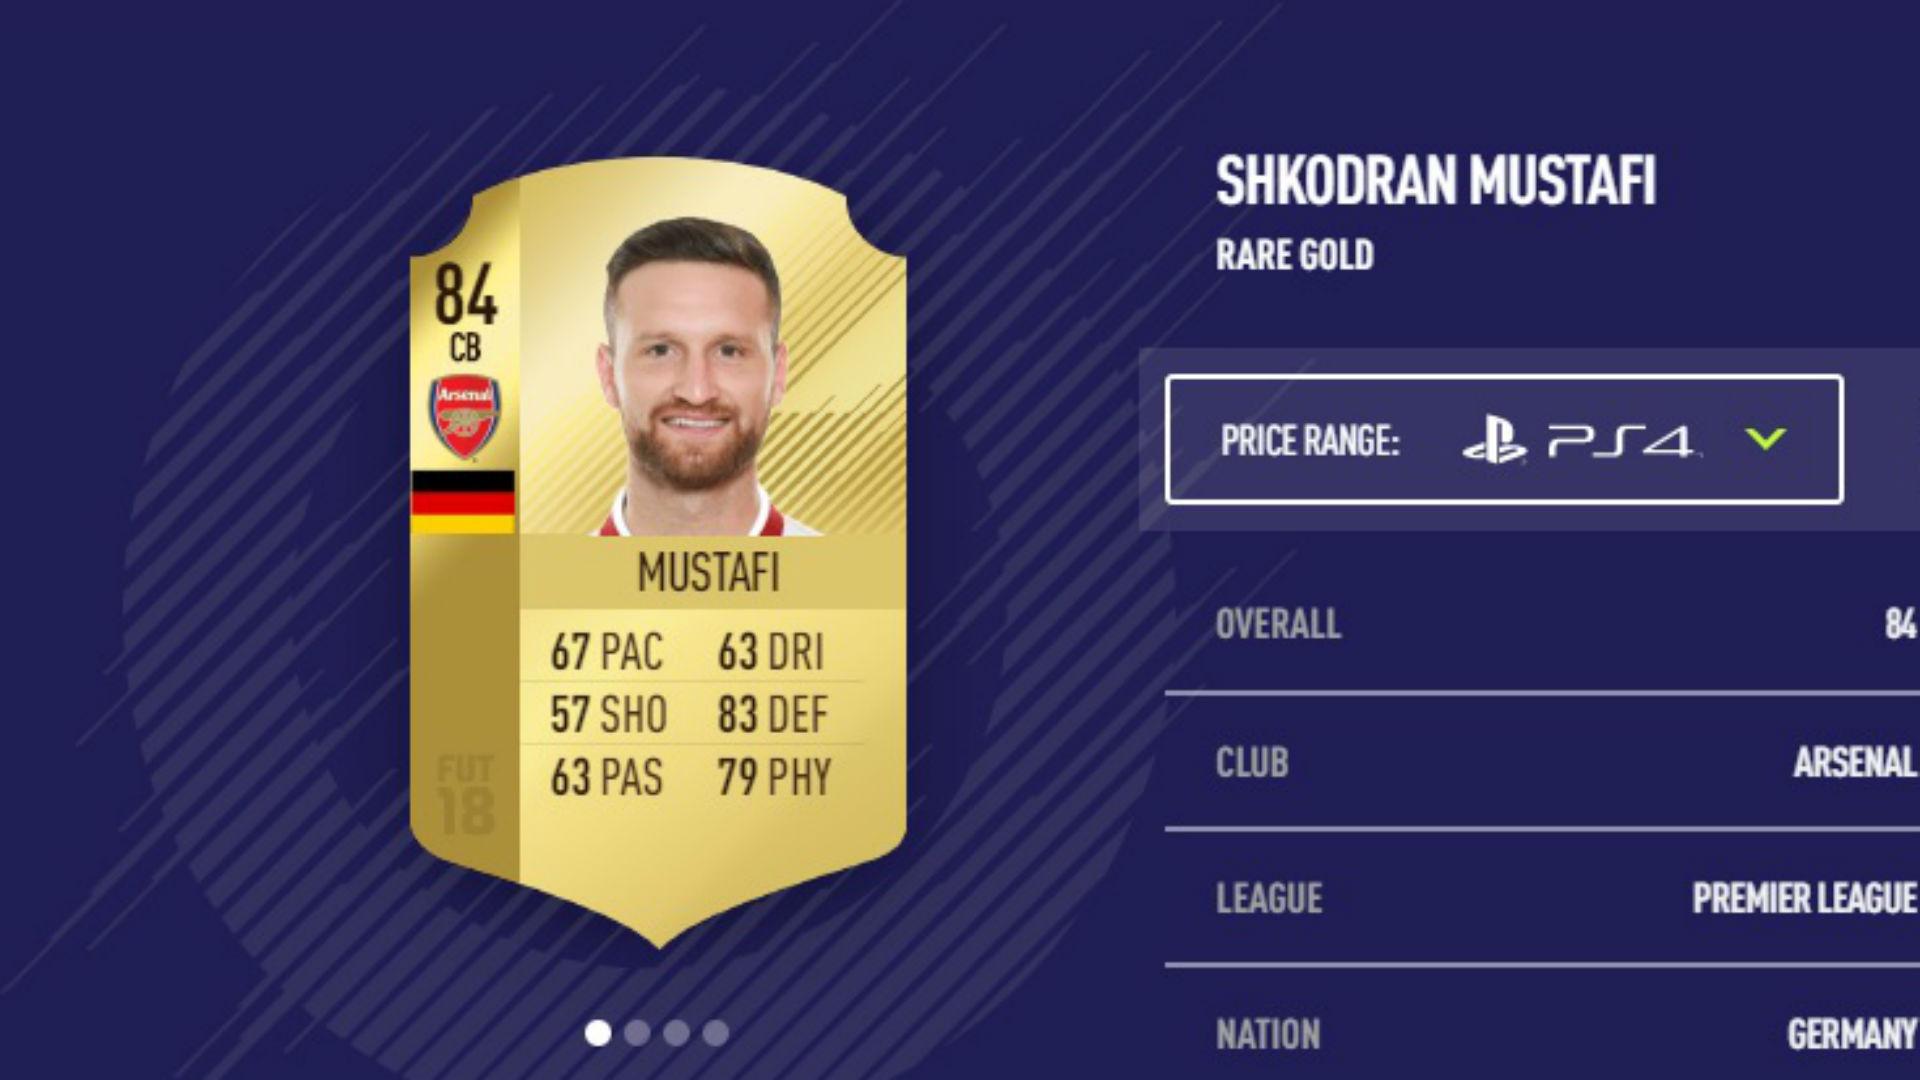 Shkodran Mustafi FIFA 18